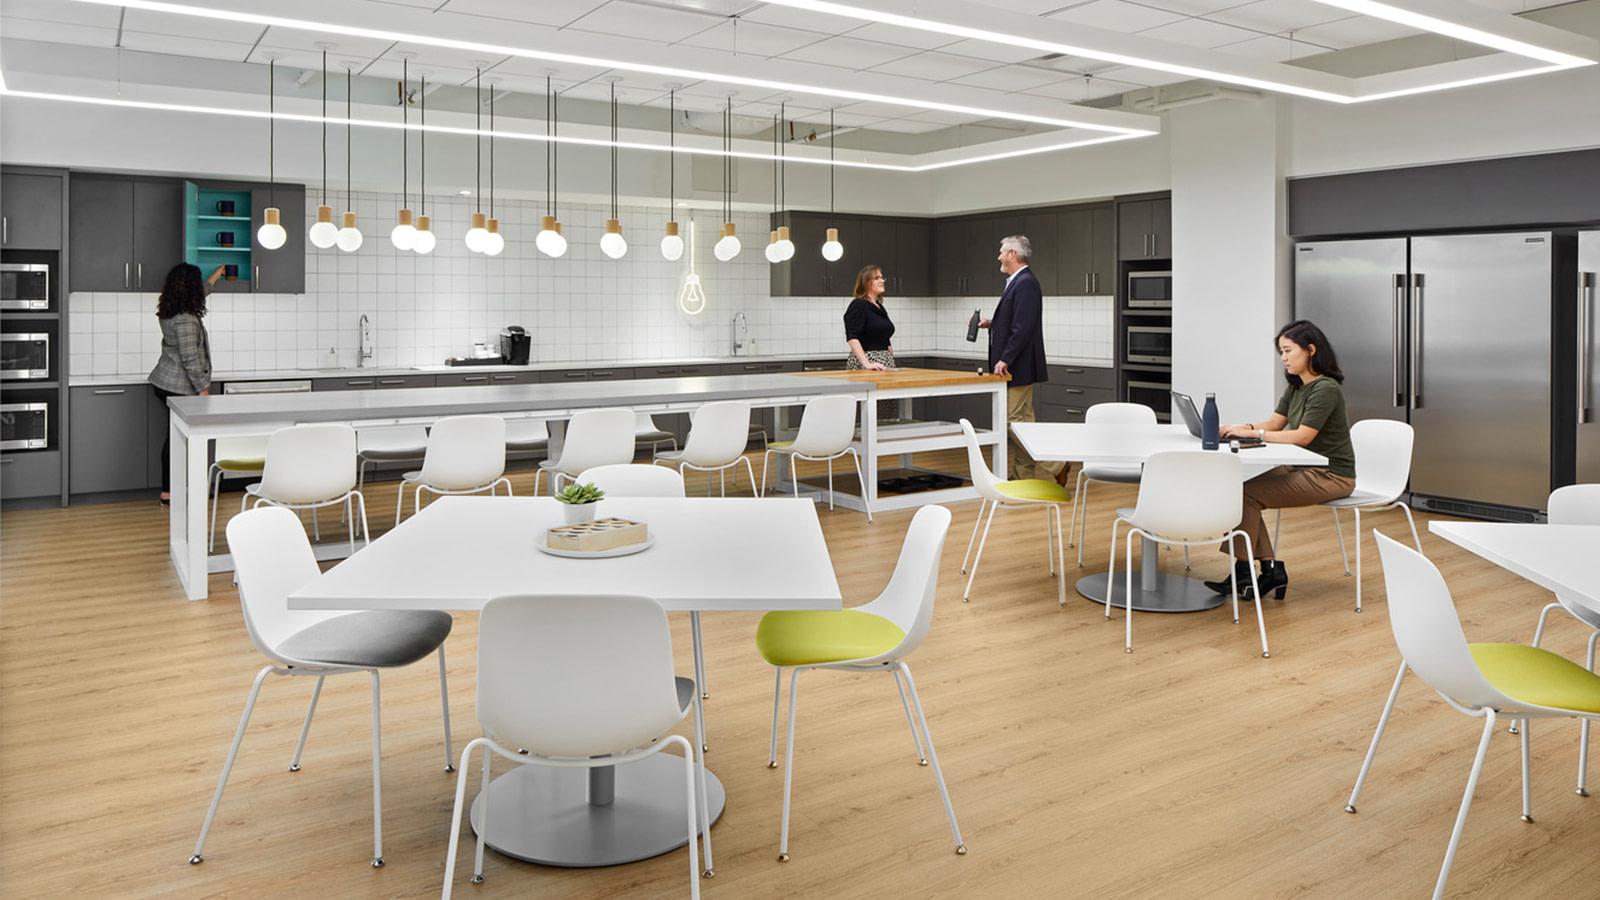 Kitchen break space